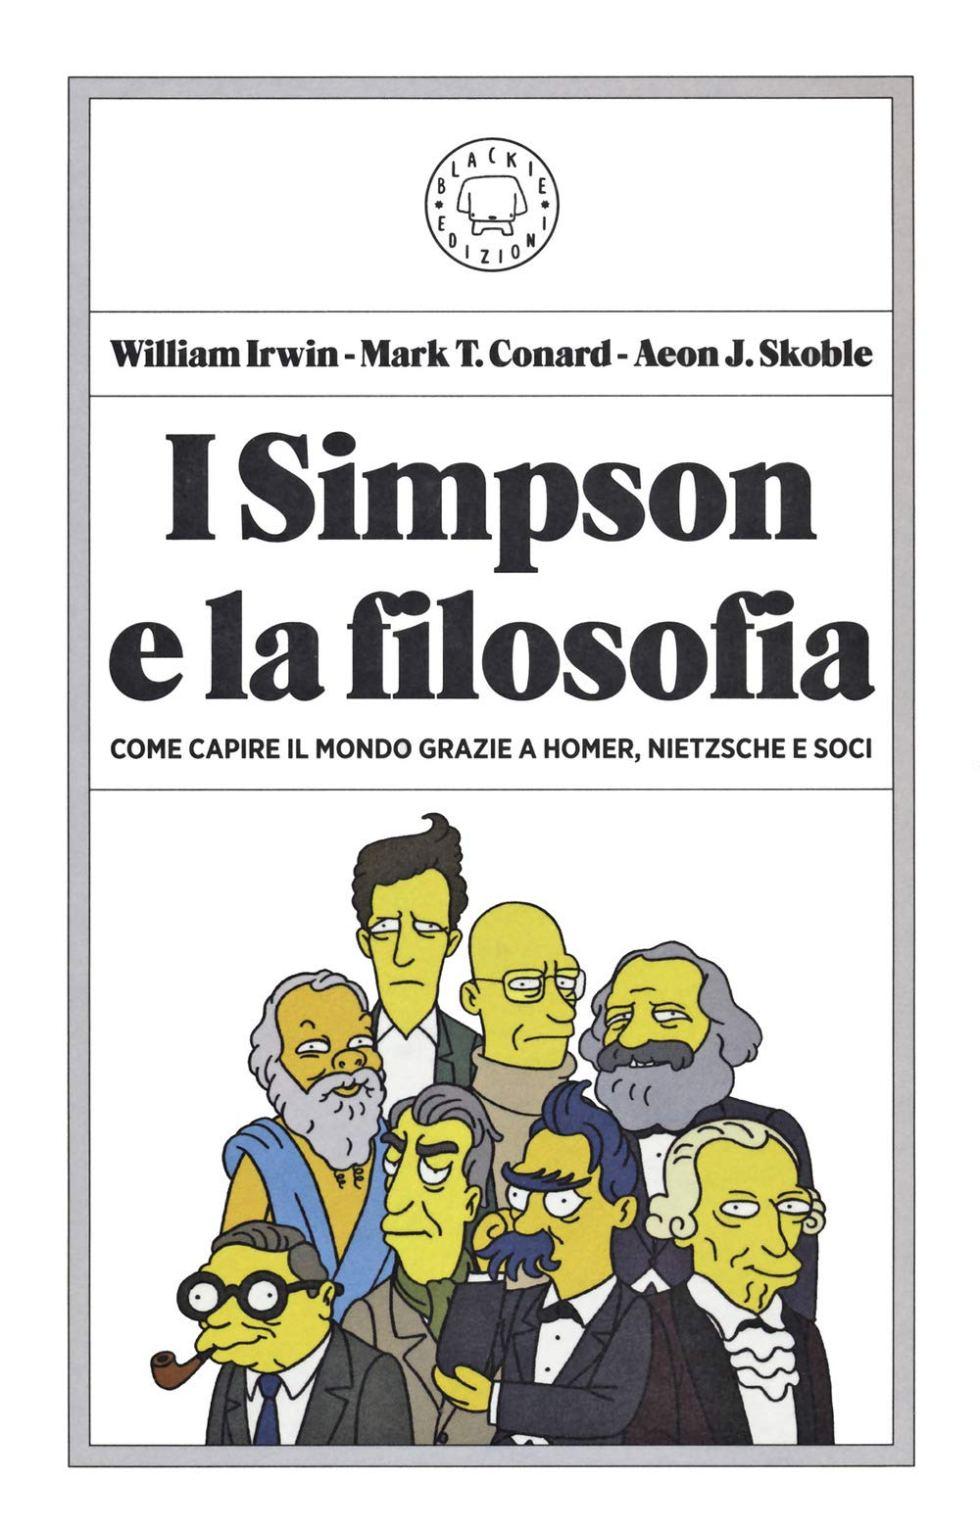 I Simpson e la filosofia. Come capire il mondo grazie a Homer, Nietzsche e  soci : Irwin, William, Conard, Mark T., Skoble, Aeon J., Adamo, Pietro,  Nifosi, Elisabetta: Amazon.it: Libri